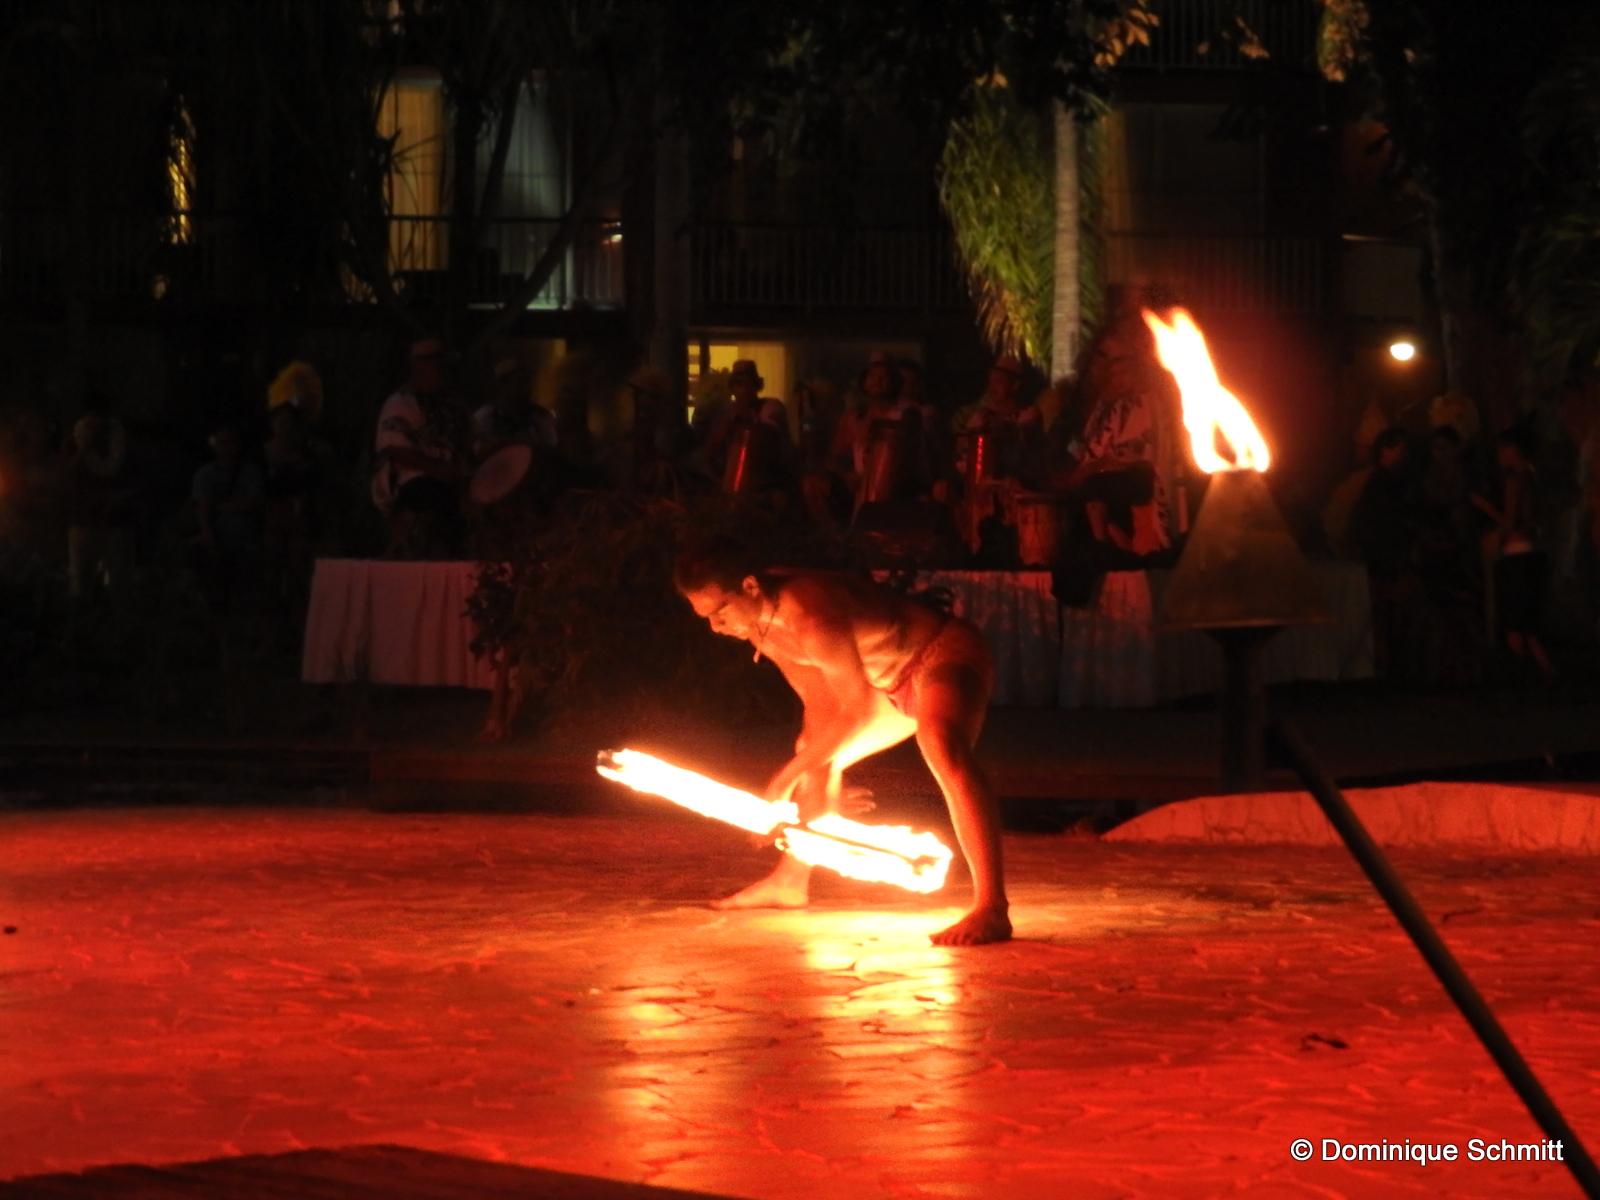 Tauarii Ani, 14 ans, sacré champion polynésien de la danse du couteau de feu !